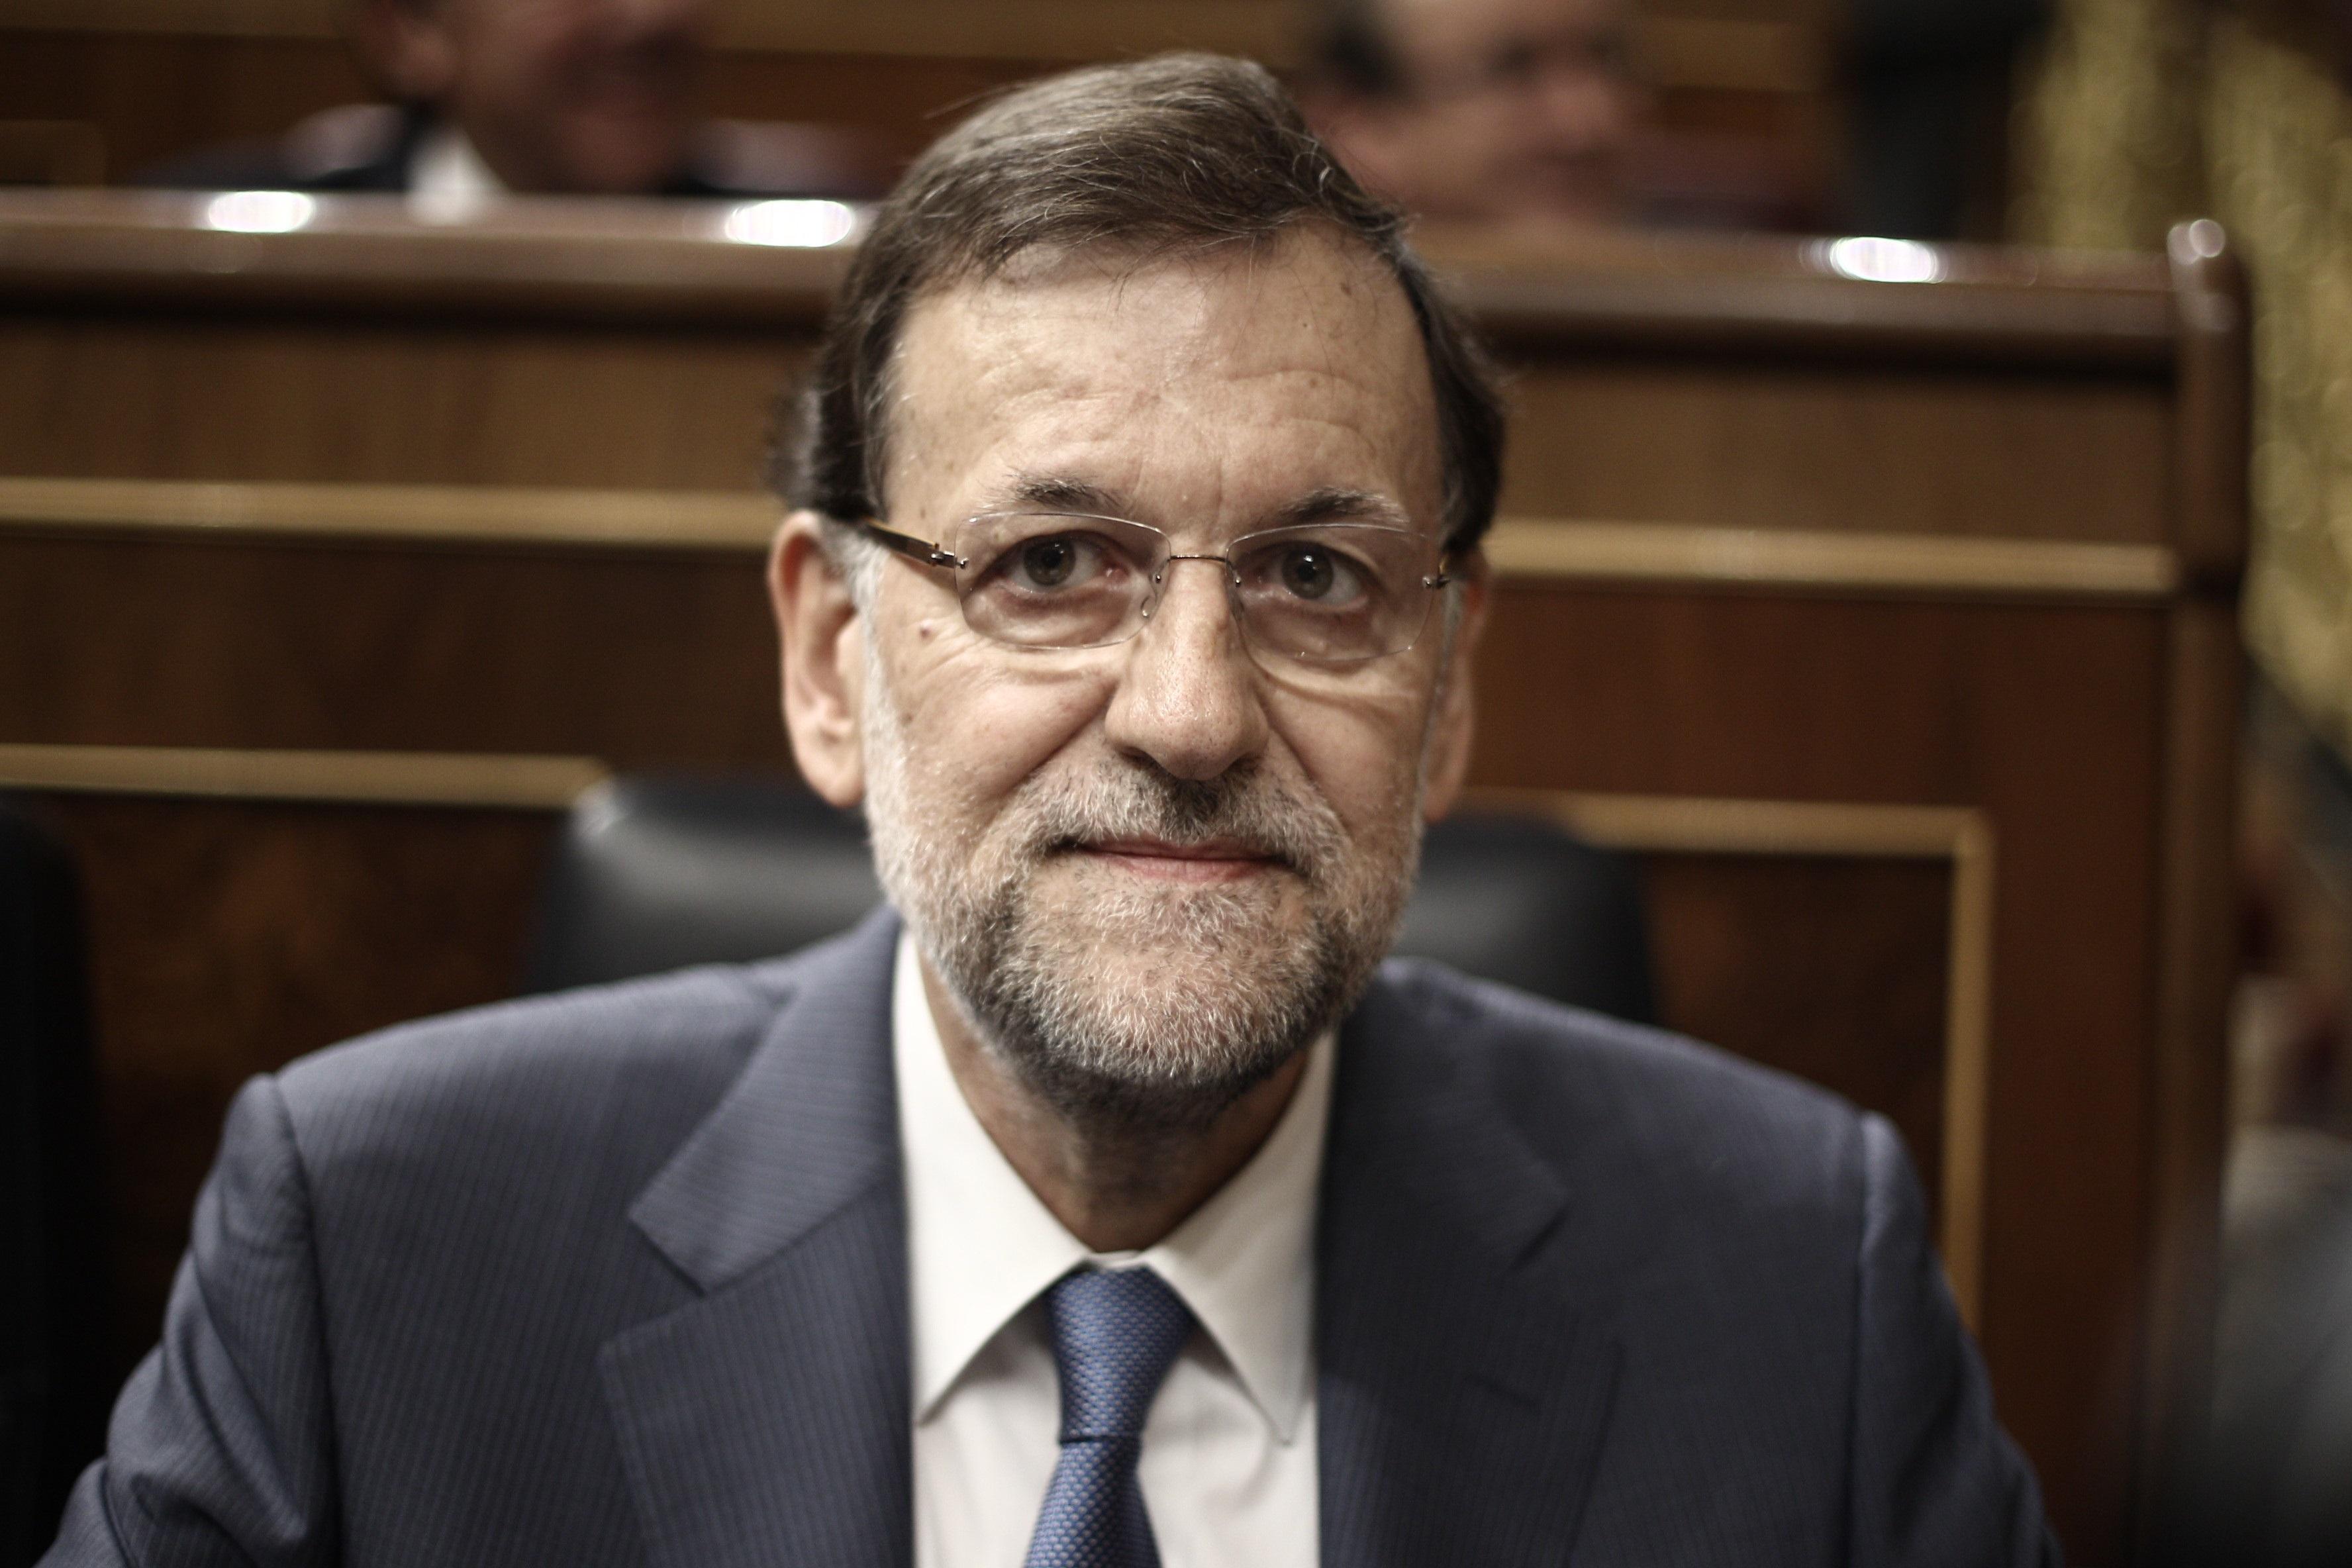 El PP: La moción del PSOE sobre Rajoy está «fuera de lugar jurídica y constitucionalmente»